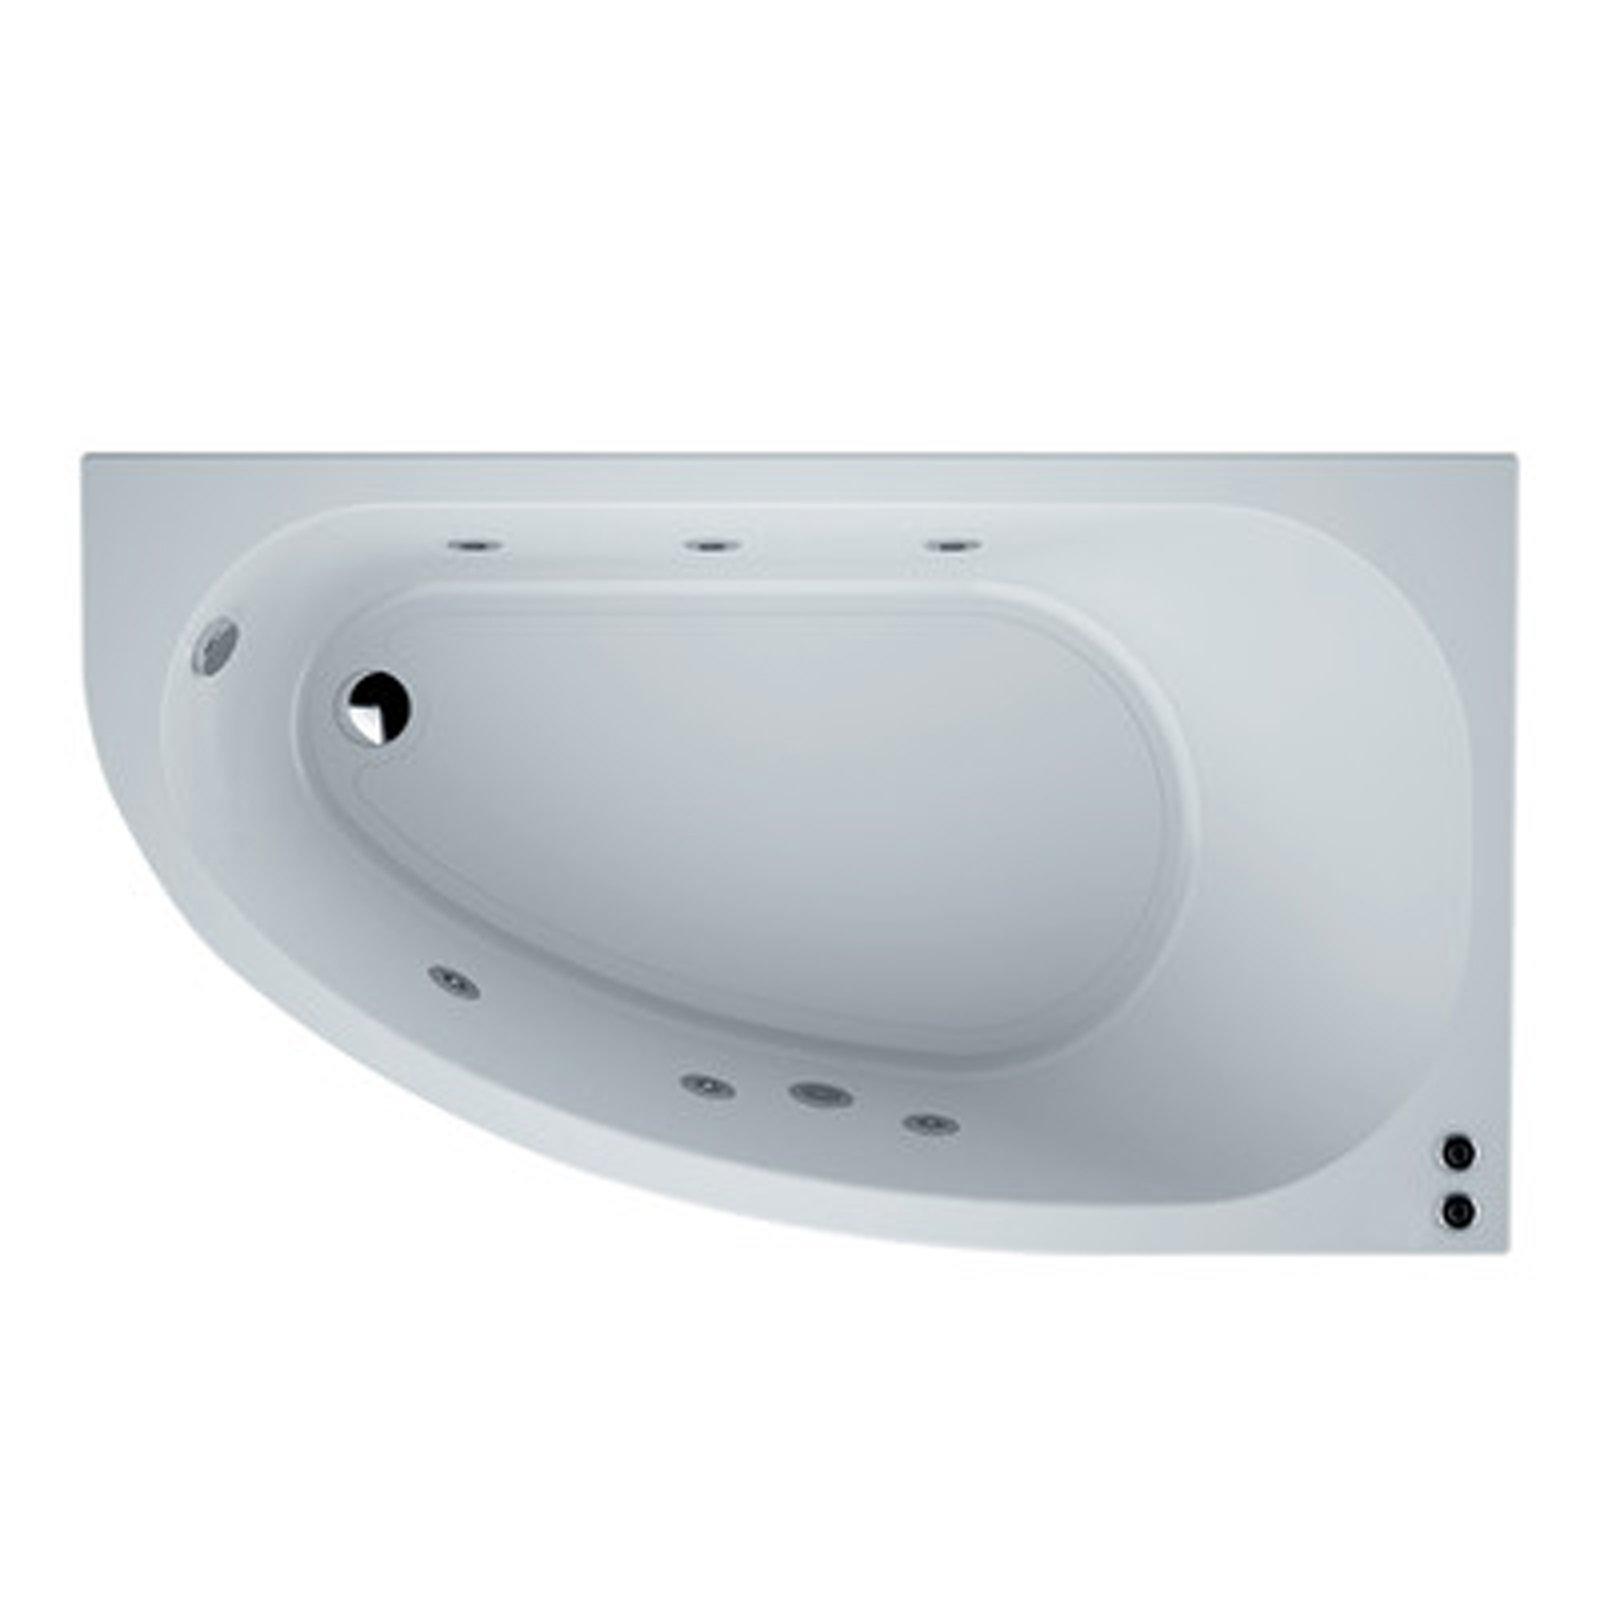 Vasca idromassaggio cosa serve per installarla cose di for Vasca leroy merlin